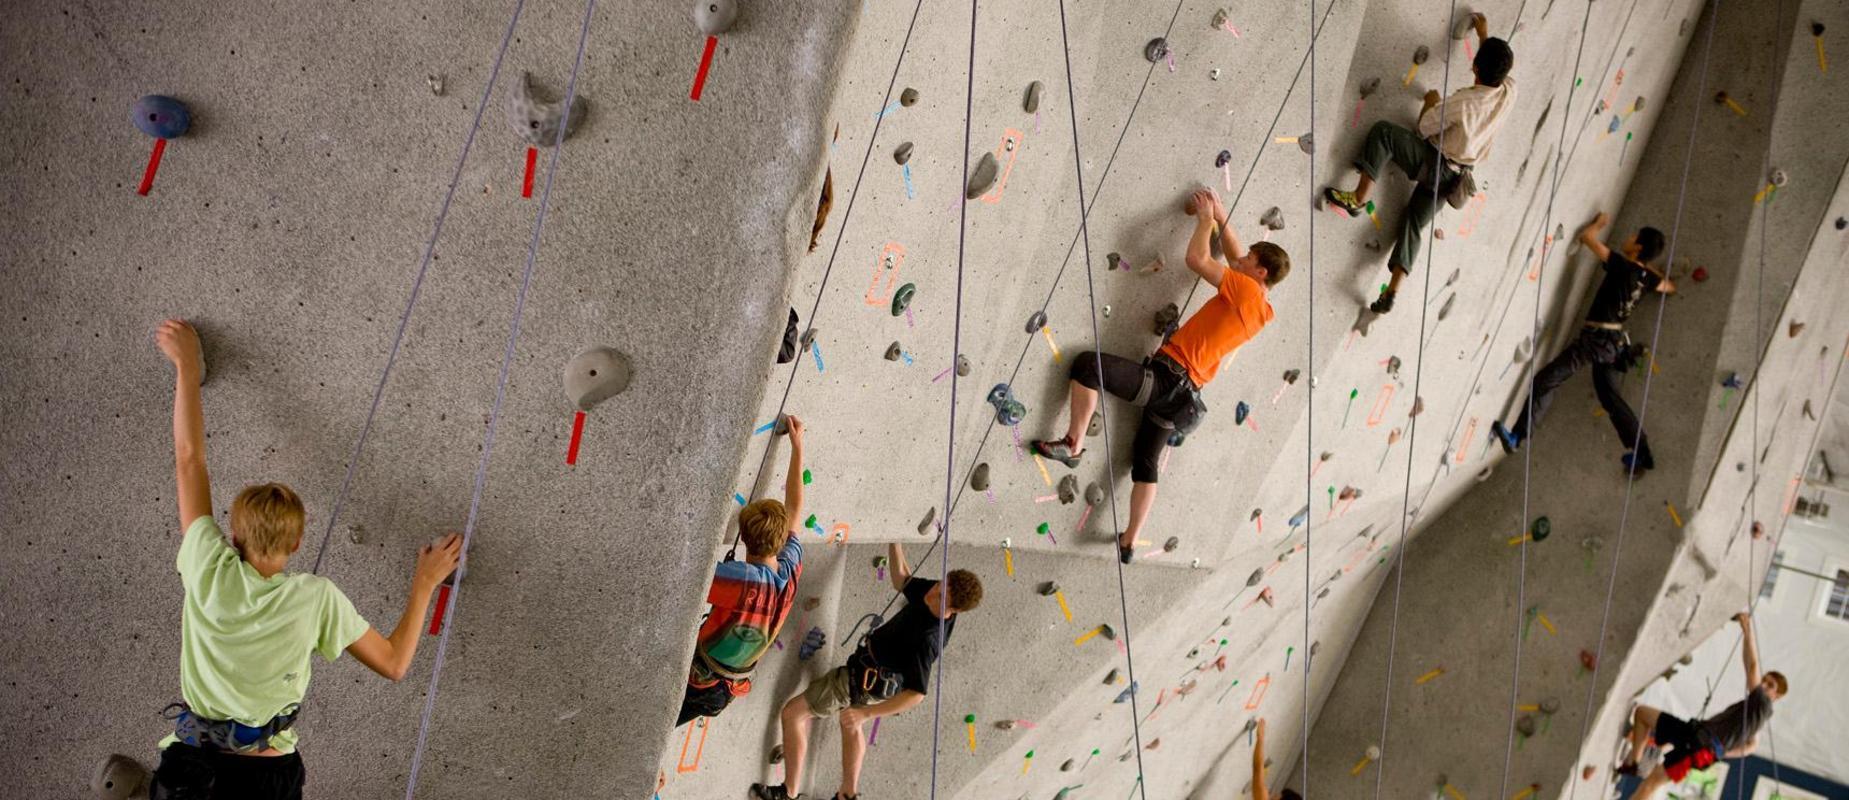 一群学生在攀岩墙上.